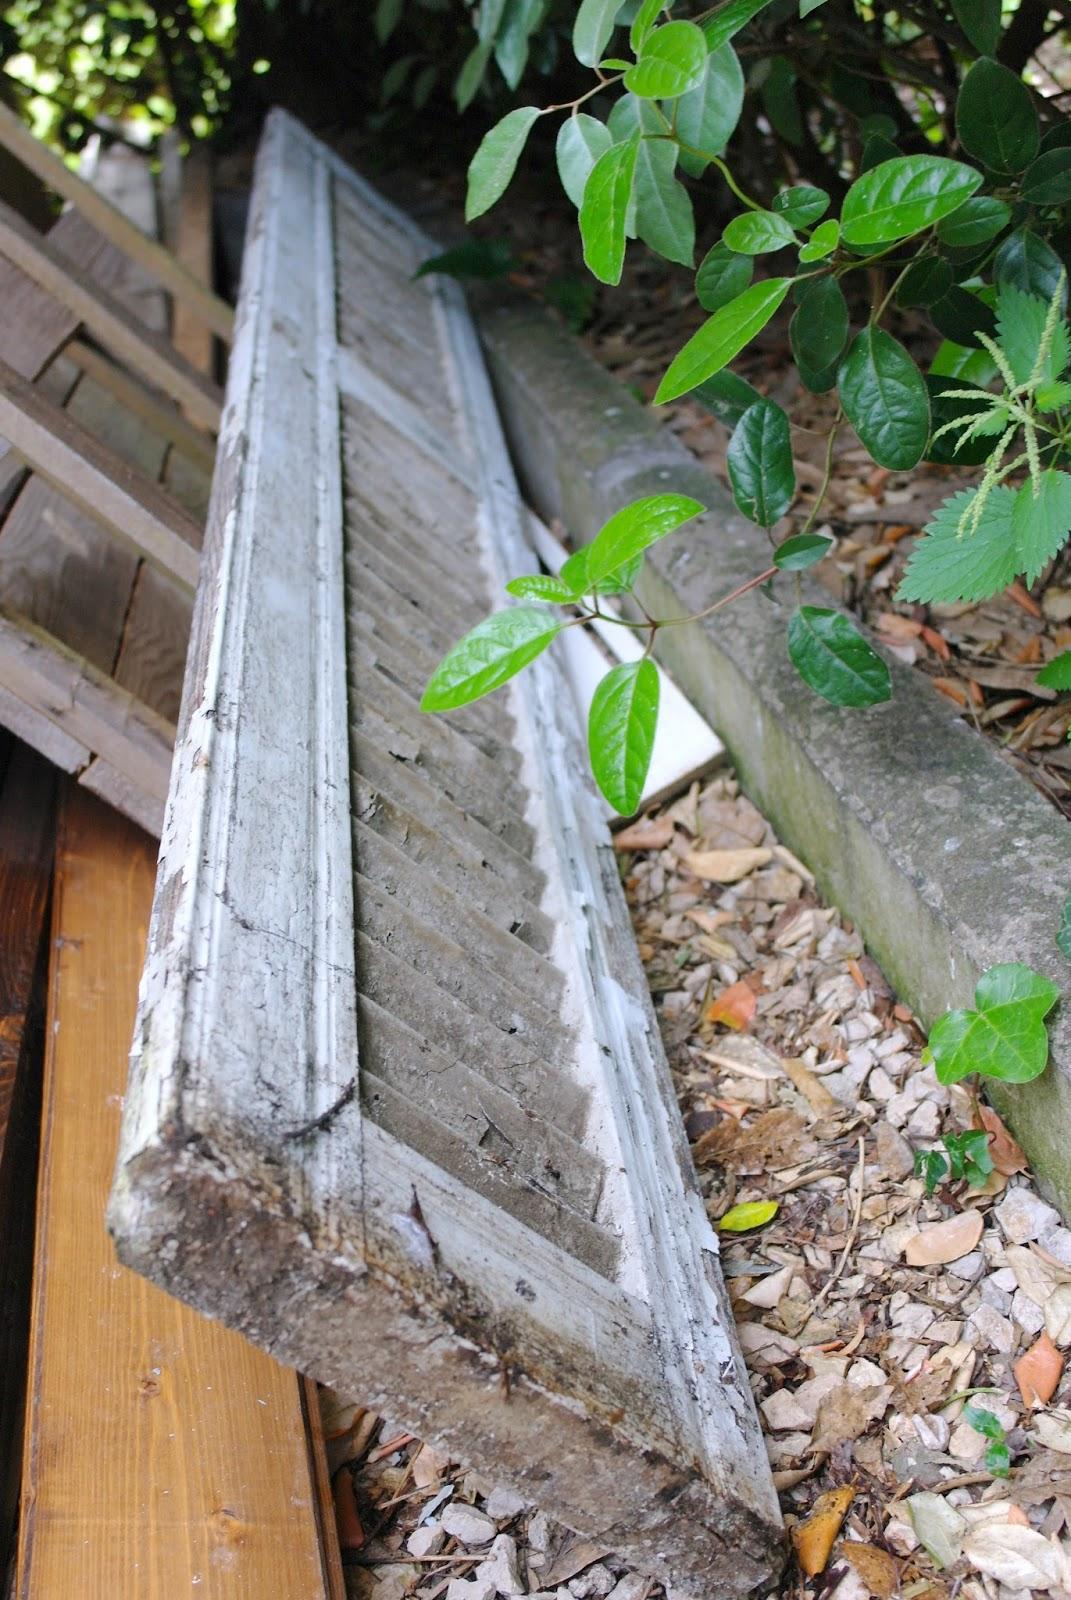 old wood window shutter